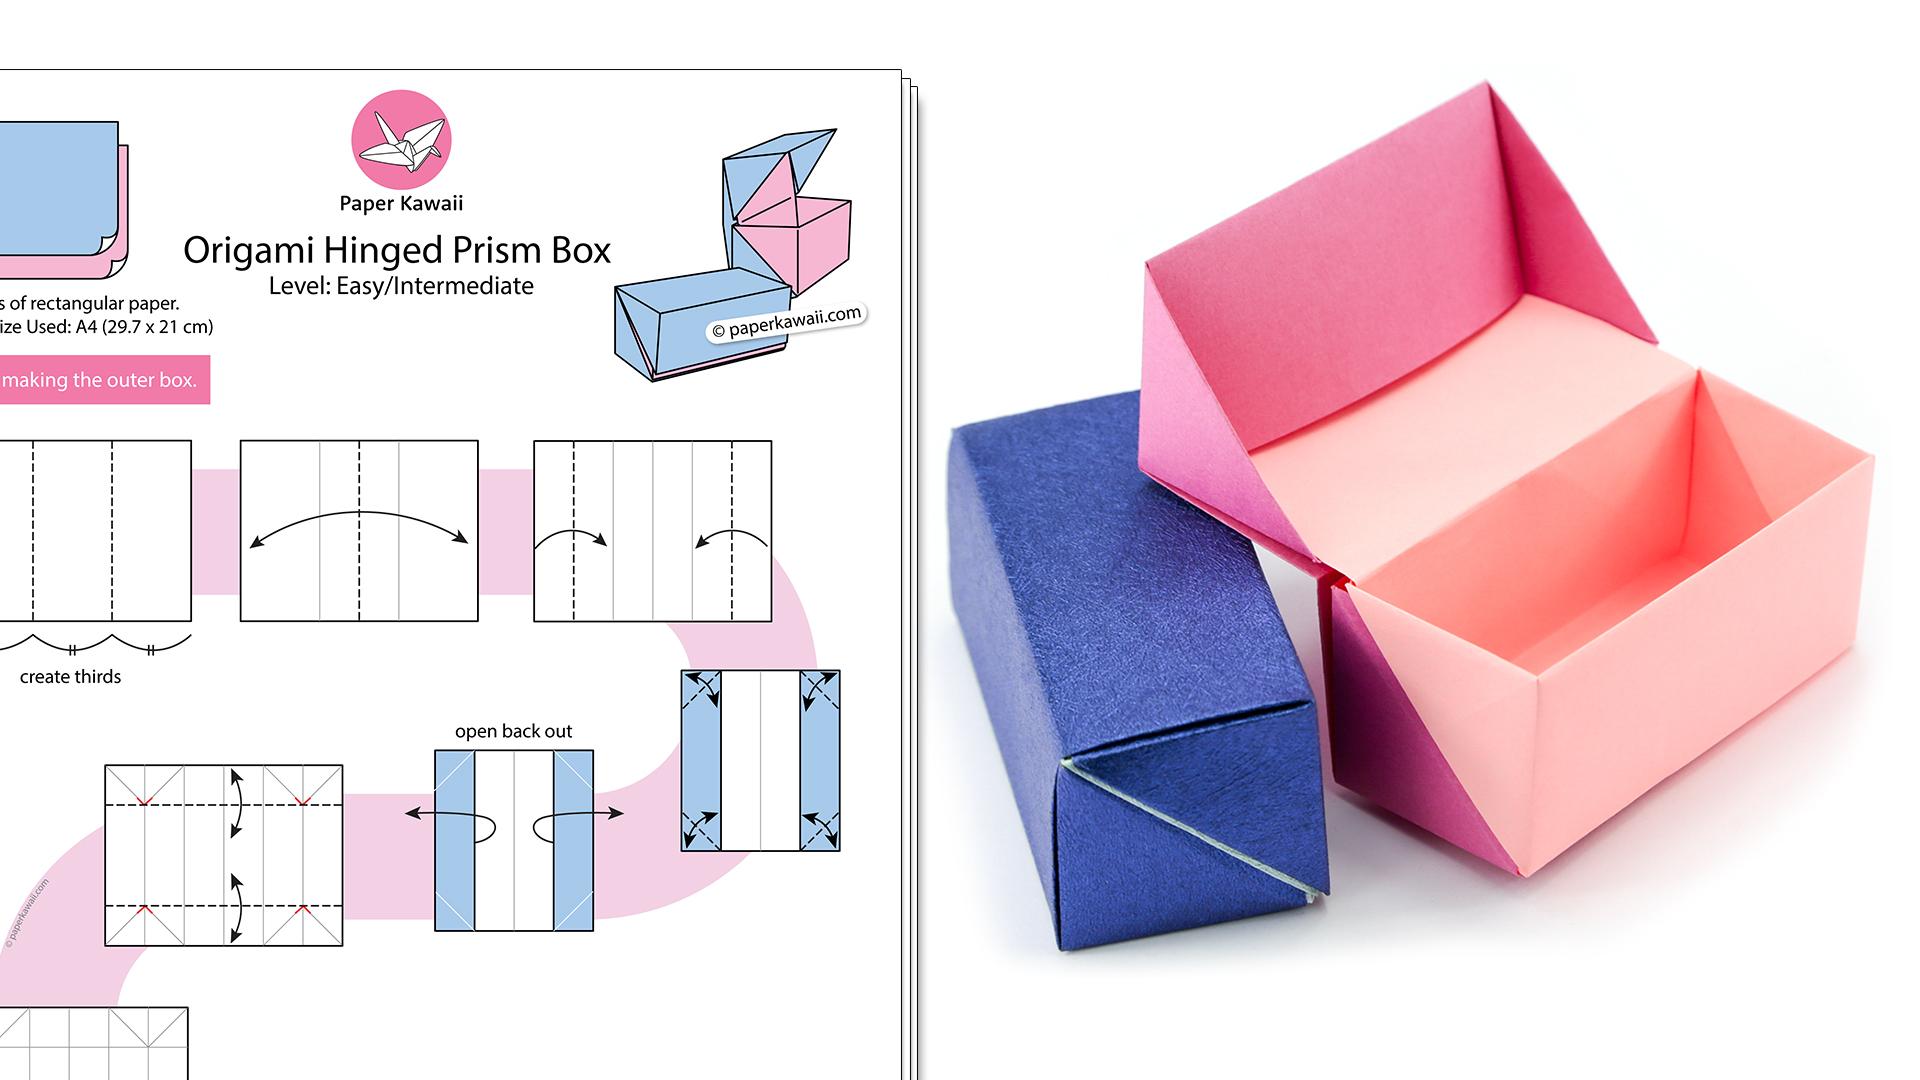 Как сделать коробку для подарка своими руками: пошаговая инструкция